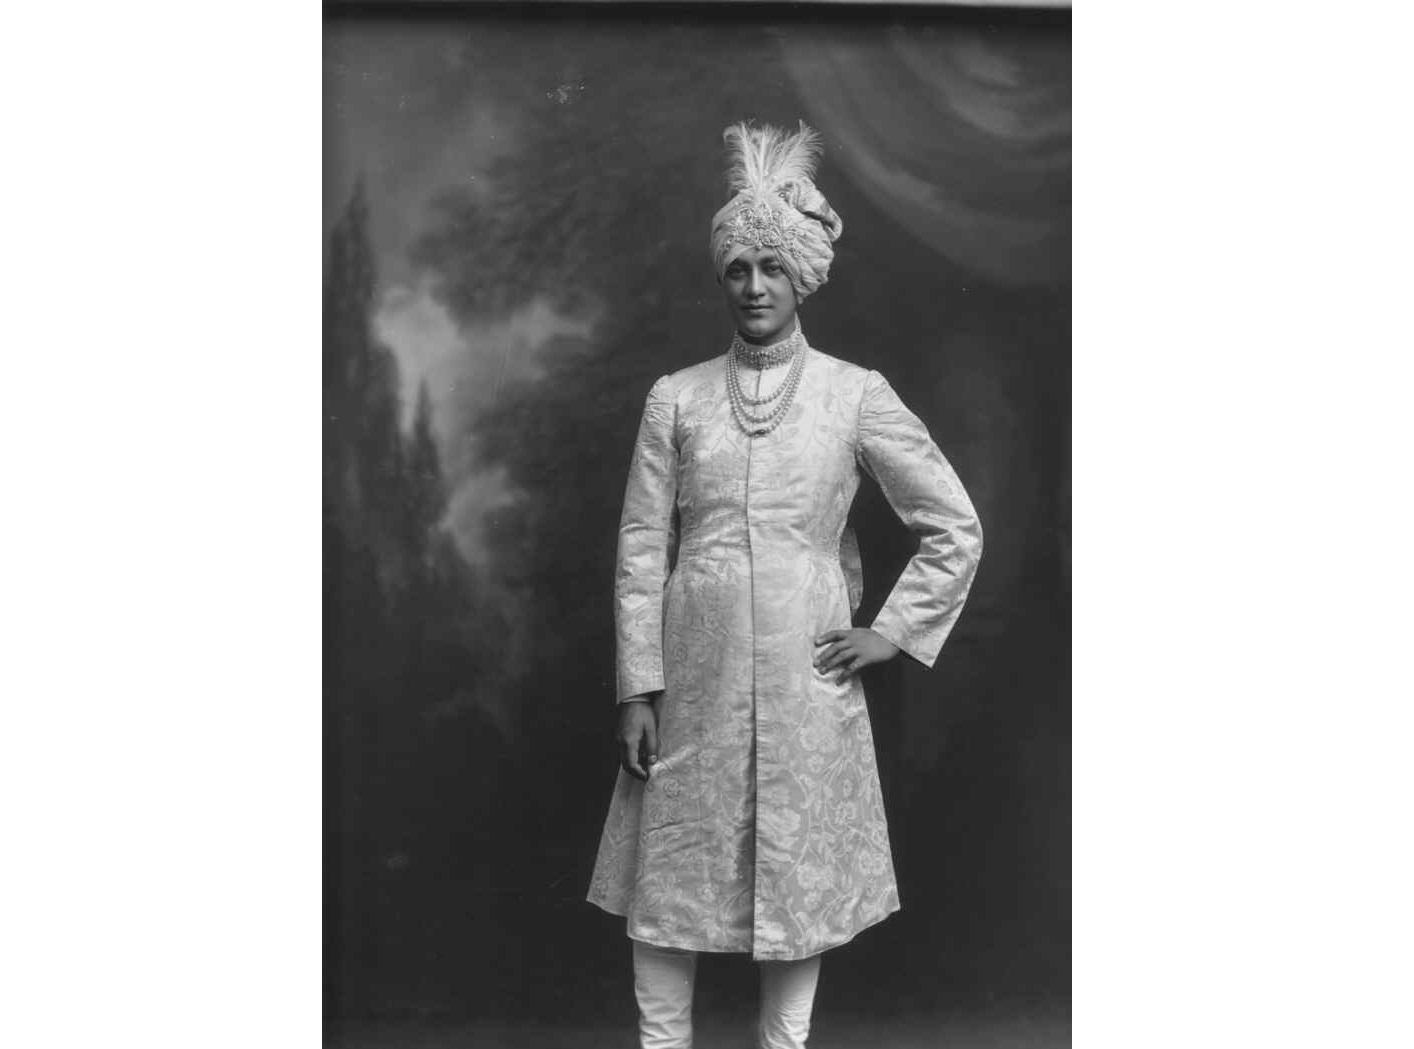 Jitendra Narayan